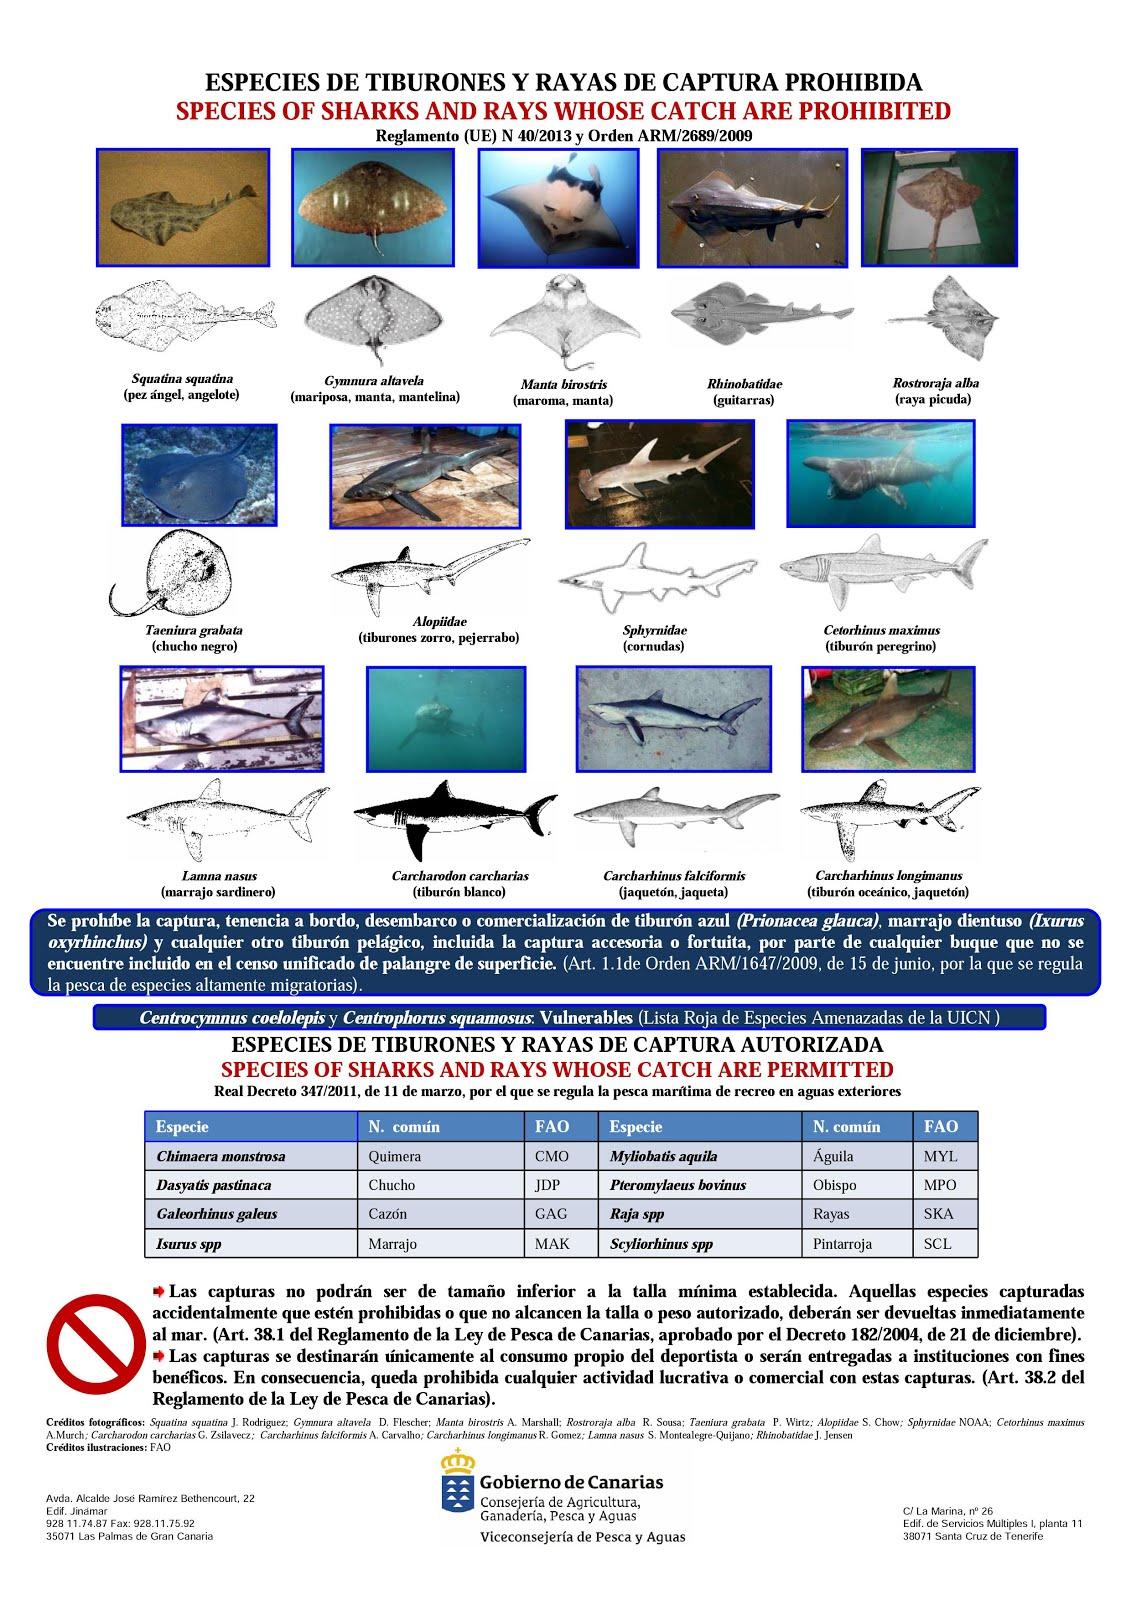 Diese Haie stehen unter Schutz